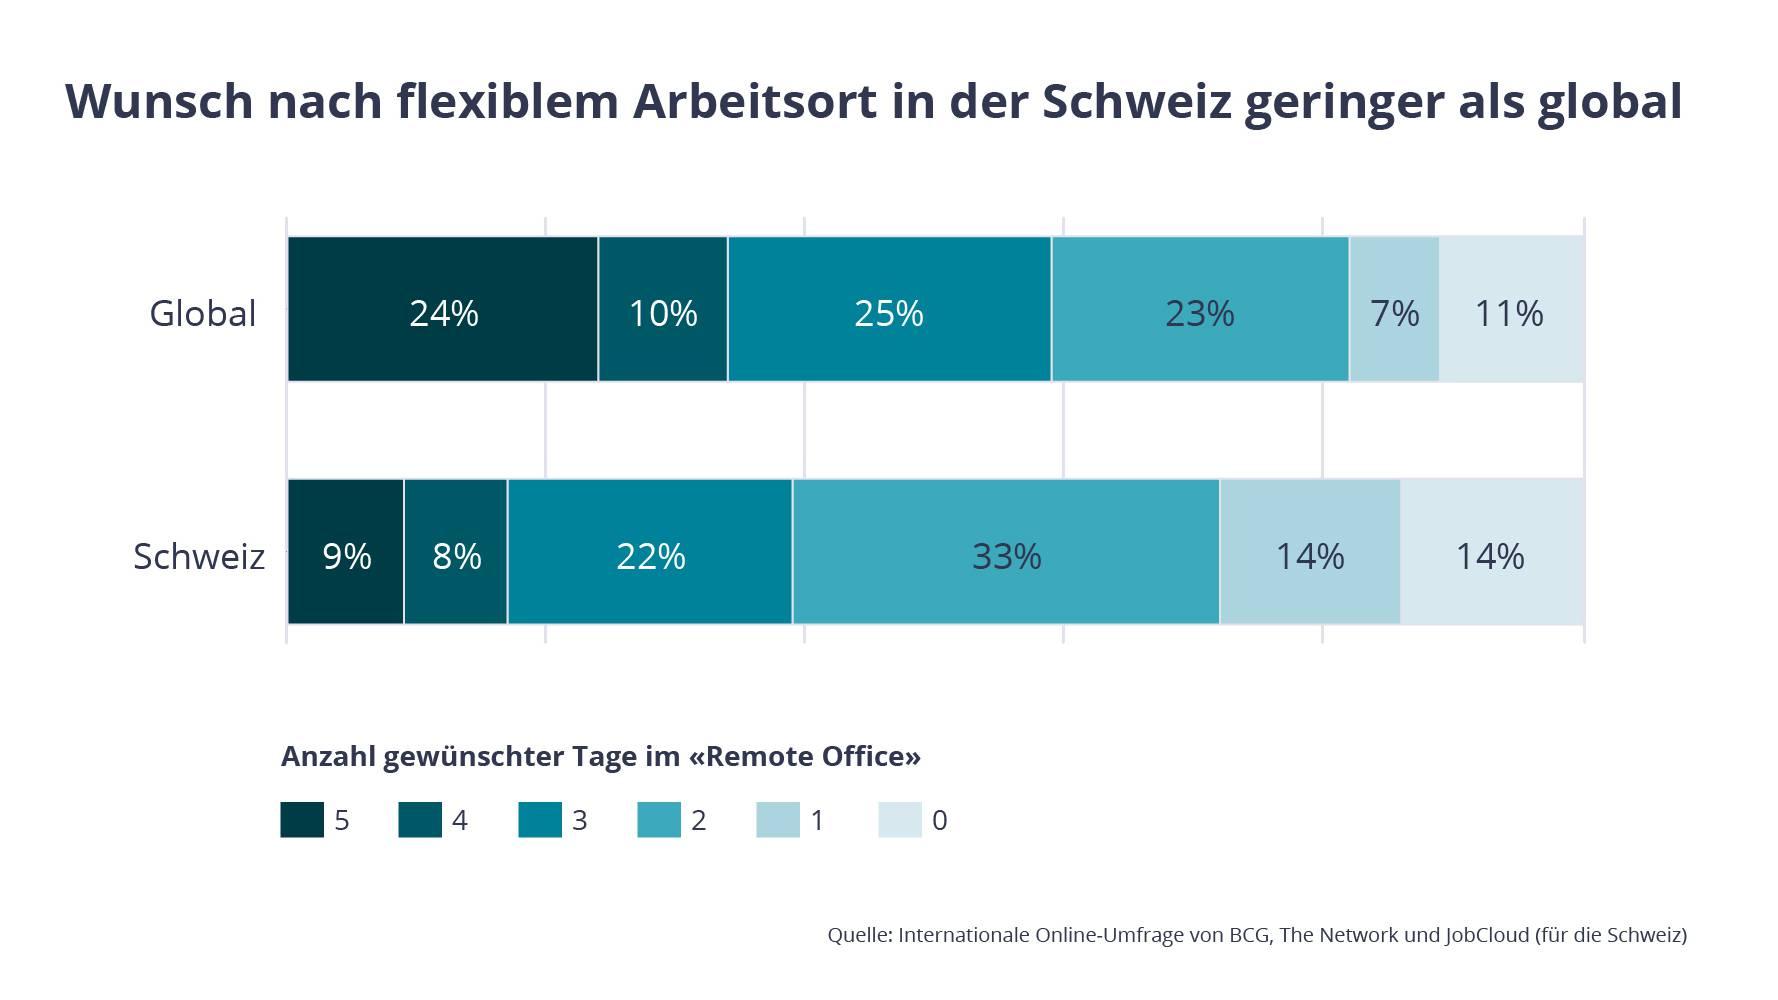 Wunsch nach flexiblem Arbeitsort in der Schweiz geringer als global